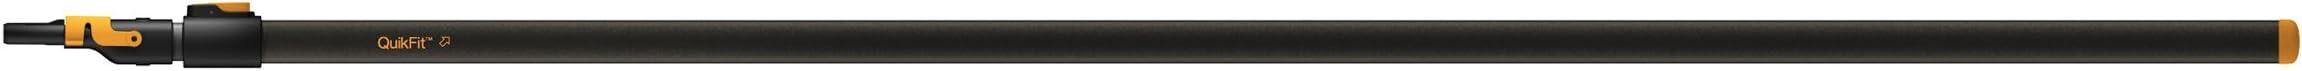 Fiskars Teleskop-Stiel für QuikFit Werkzeugköpfe, Länge 2,28 - 4 m, Aluminium, Schwarz/Orange, QuikFit, 1000665